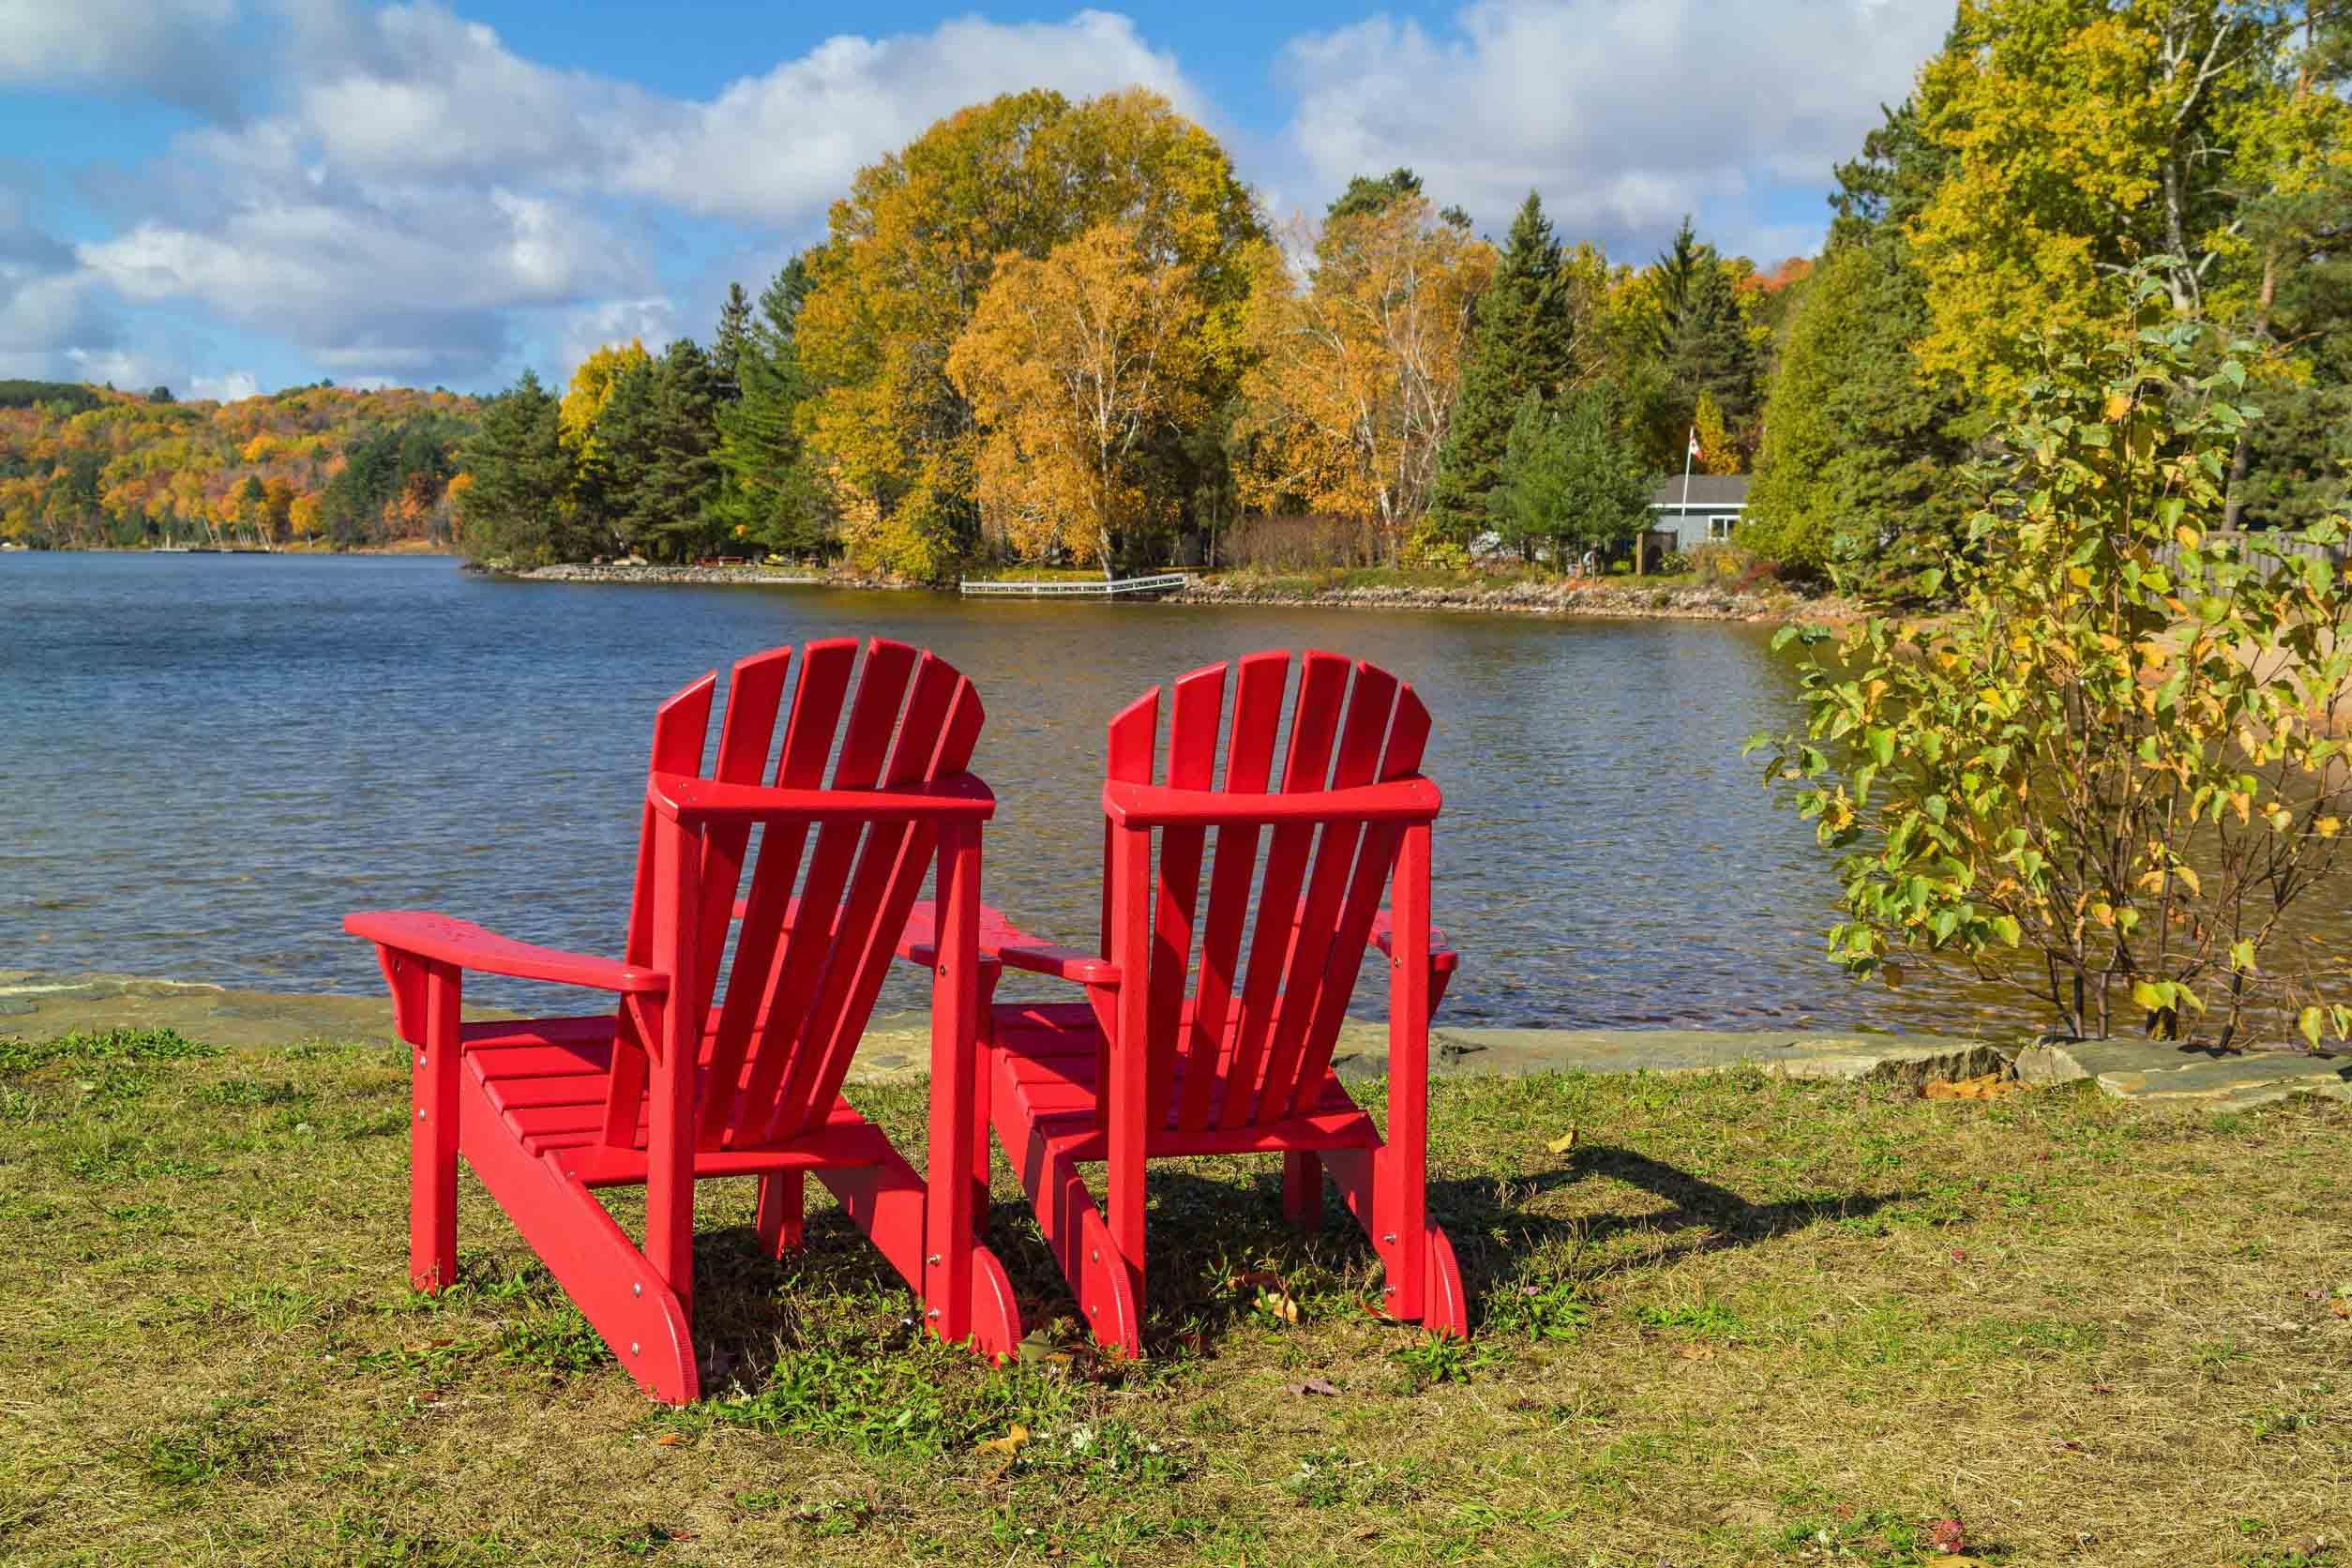 lake-chairs-new-york